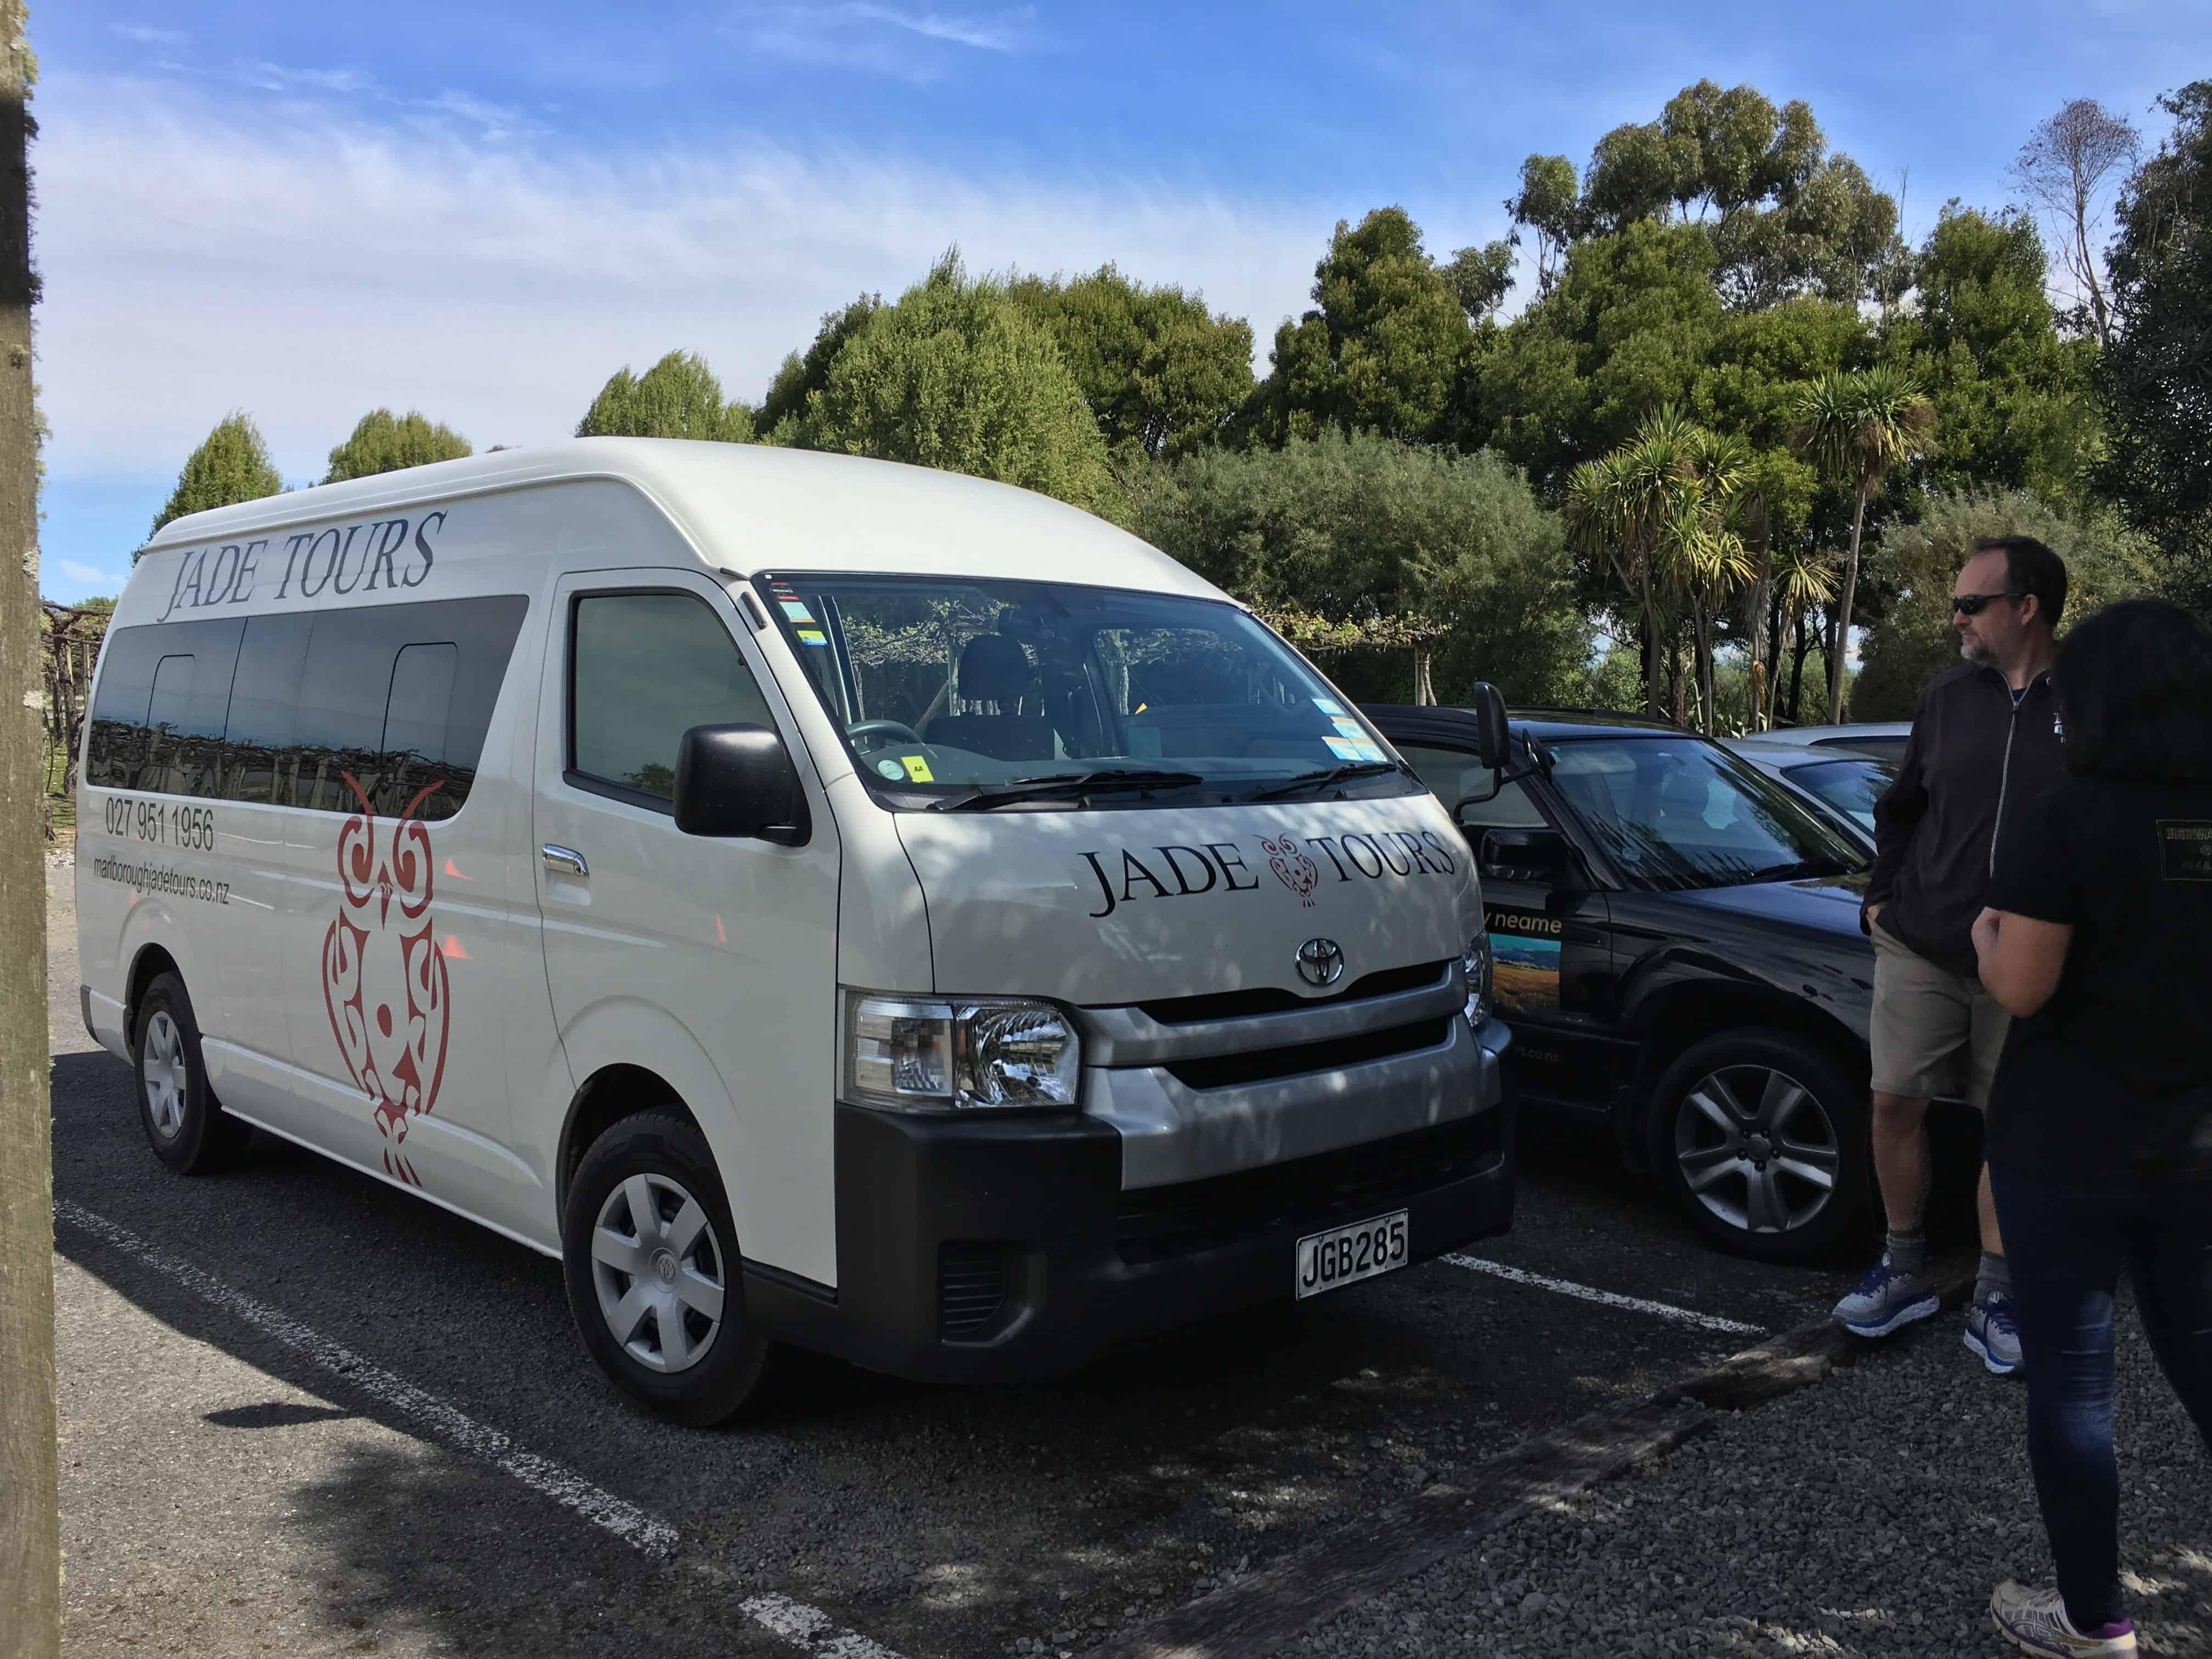 Jade Tours Van